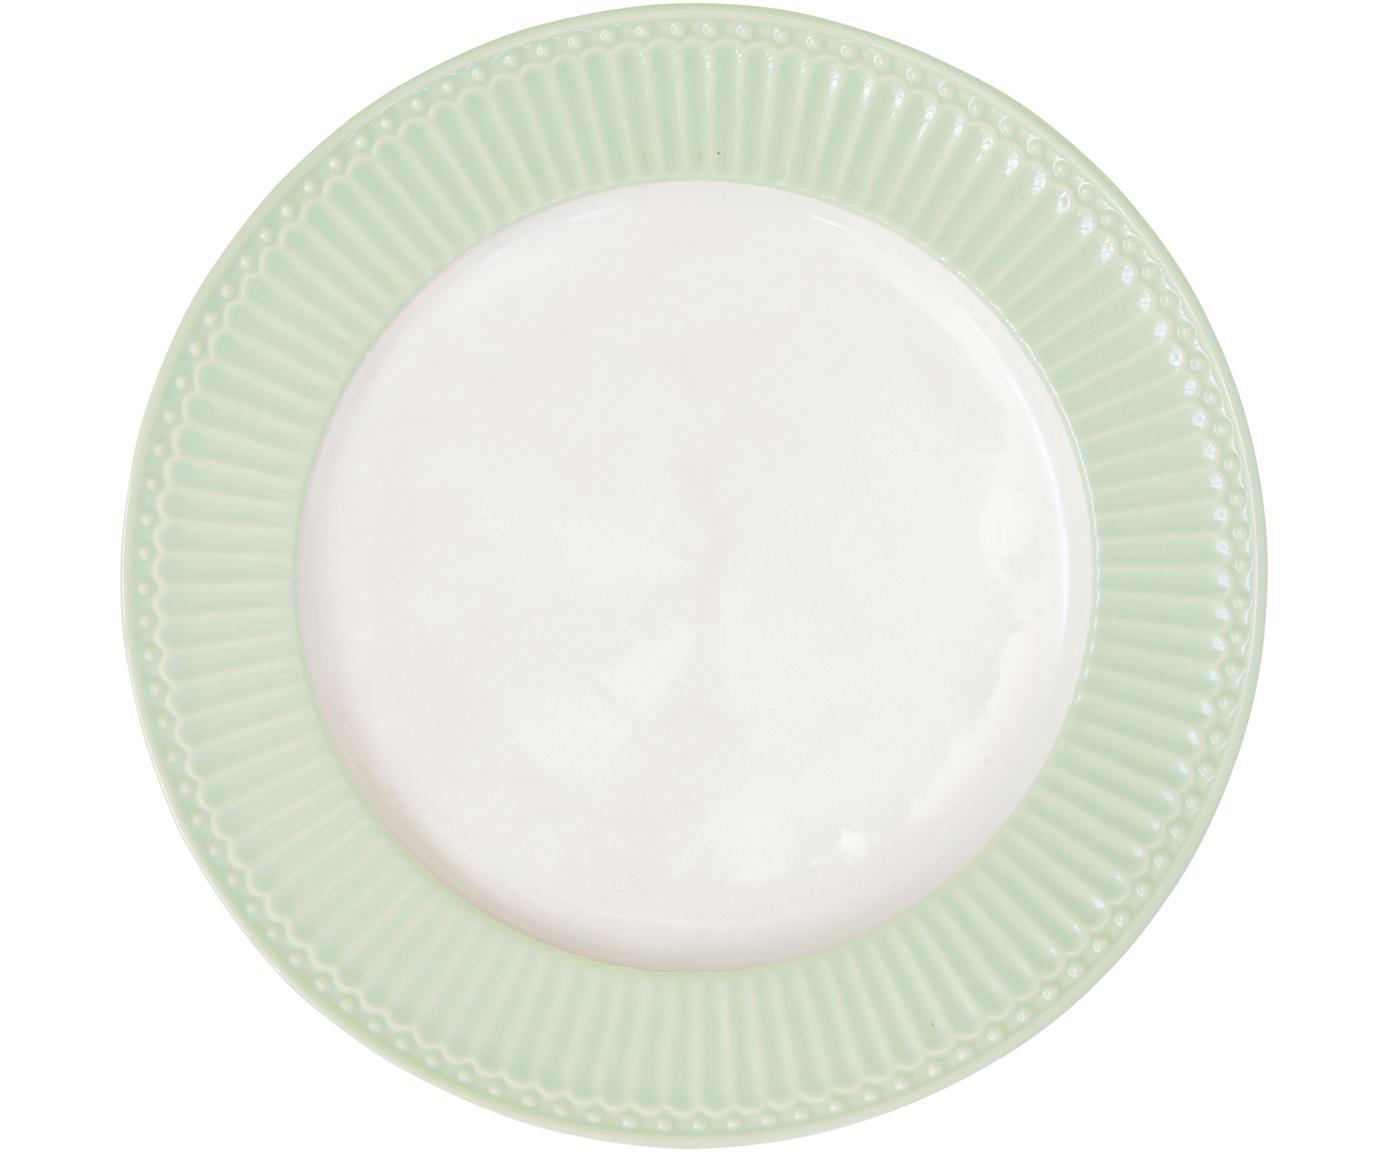 Piatto piano Alice 2 pz, Porcellana, Verde menta, bianco, Ø 27 cm